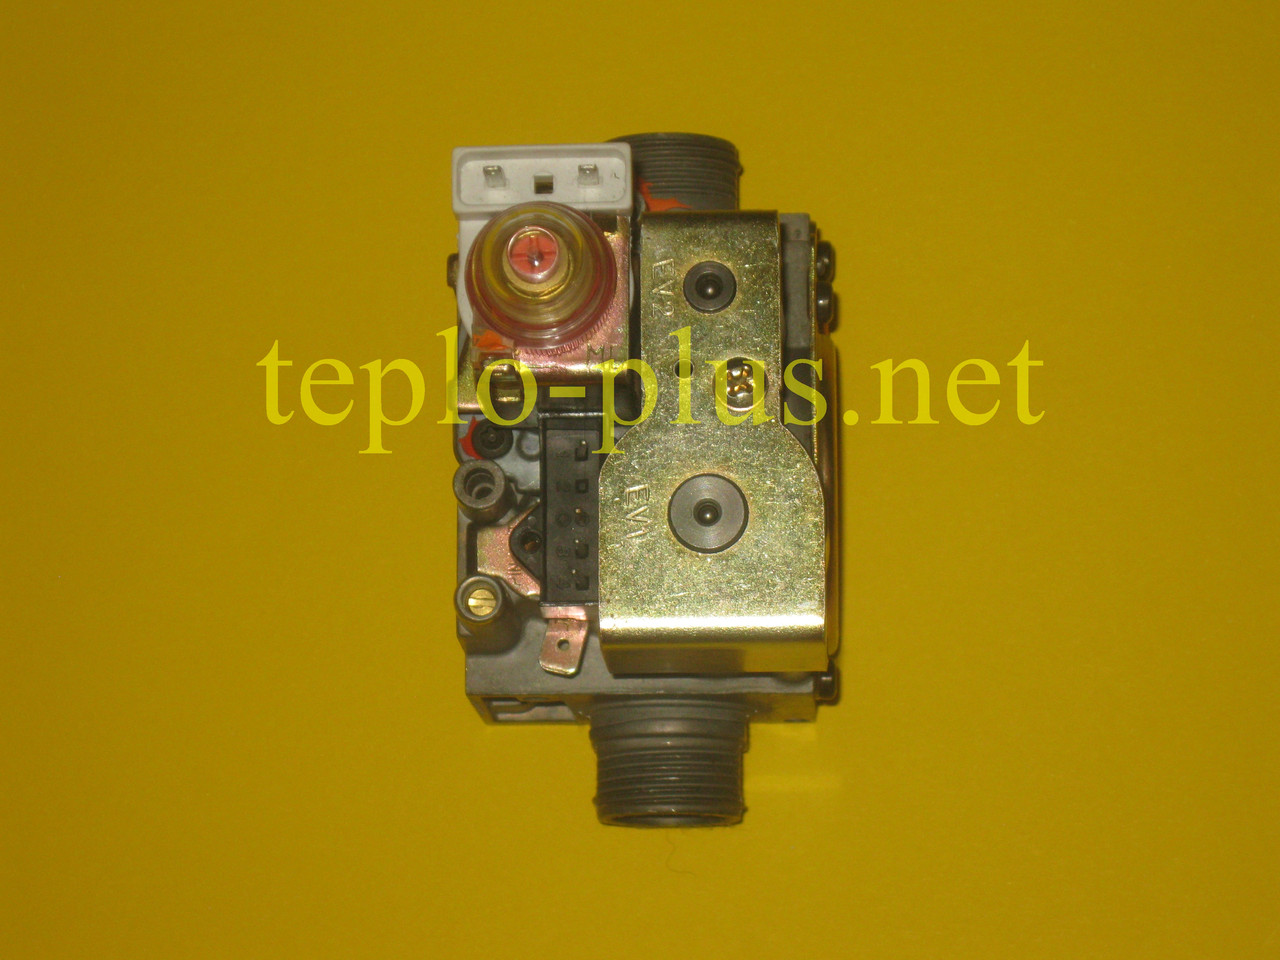 Газовый клапан 1.014365 Immergas Nike Star 24 3E, Eolo Star 24 3E, фото 2